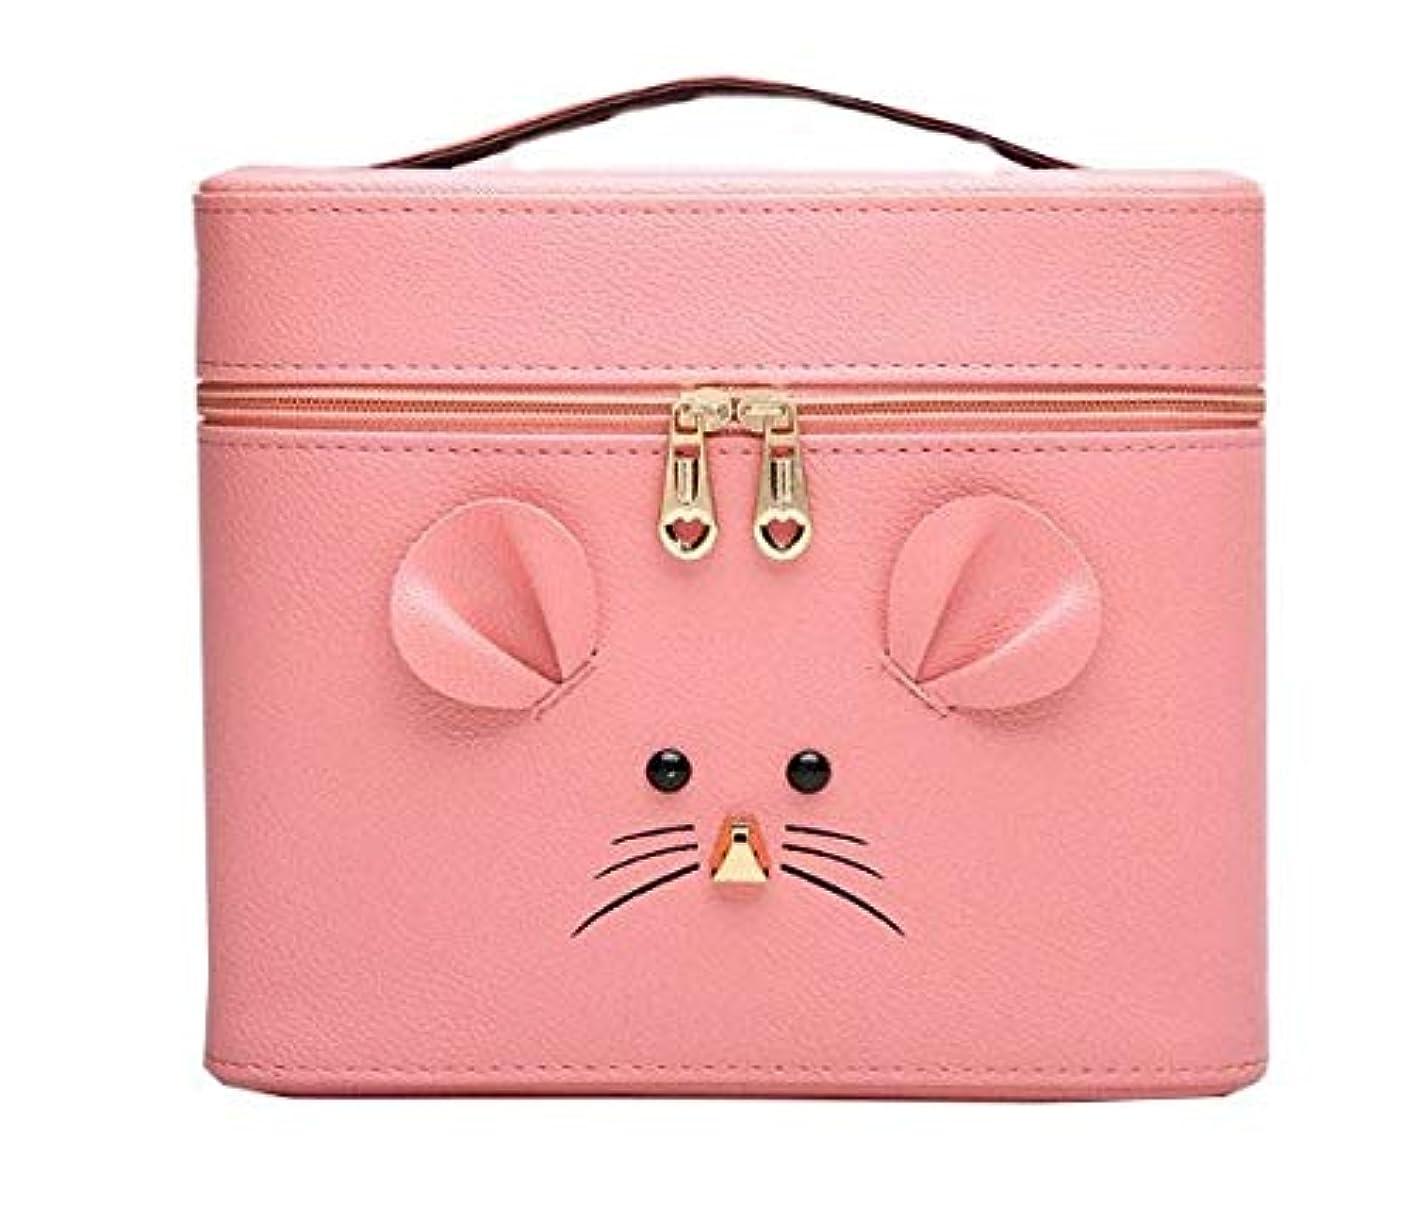 評議会猛烈なおっと化粧箱、ピンクの漫画のマウスの化粧箱、携帯用旅行化粧品の箱、美の釘の宝石類の収納箱 (Size : L)